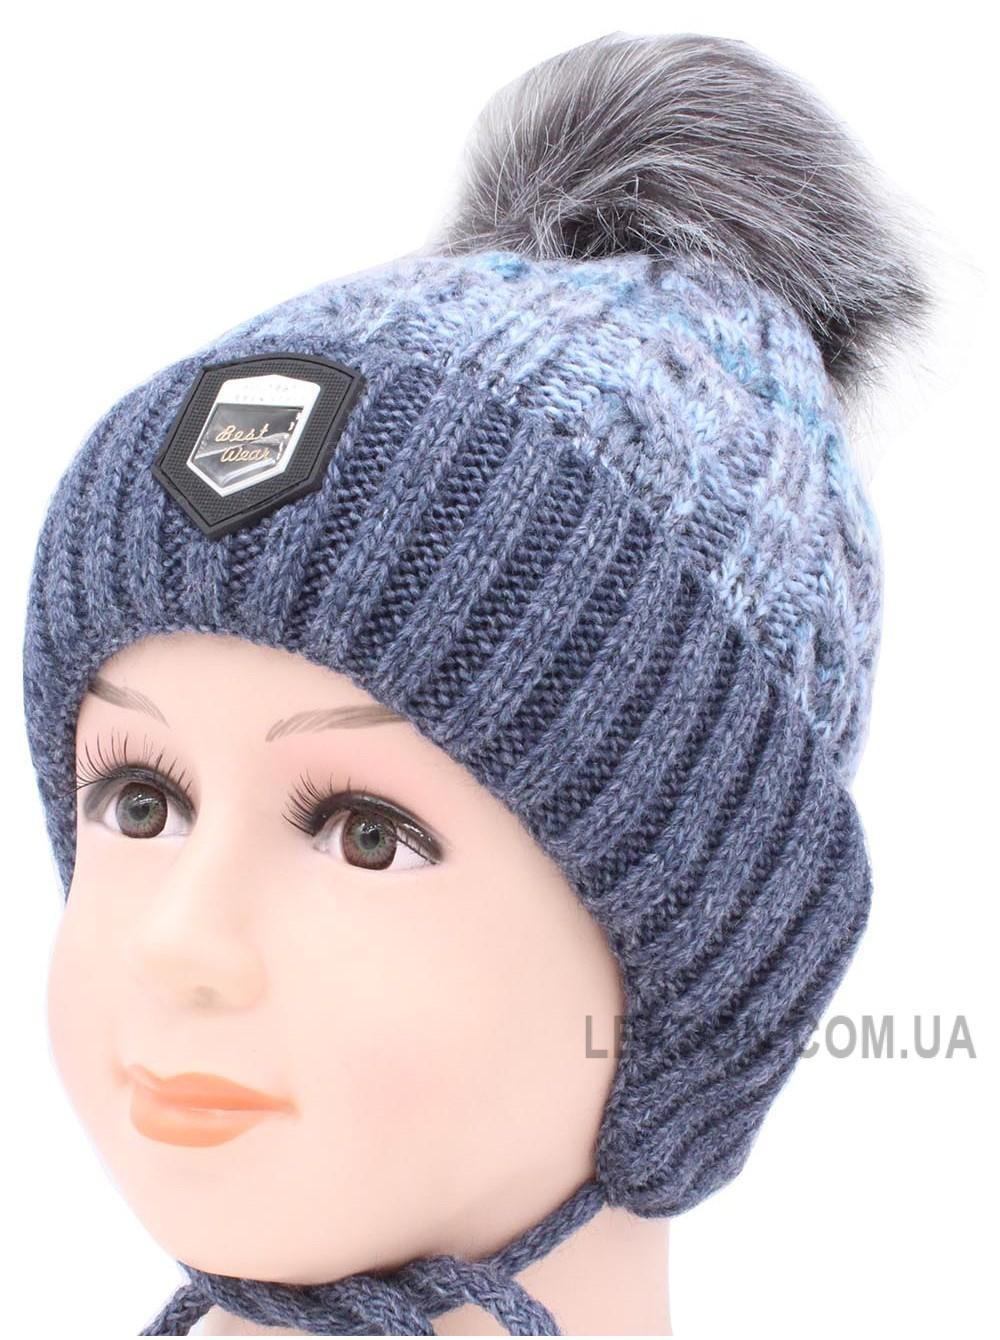 Детская вязаная шапка Брайн D50134-44-48